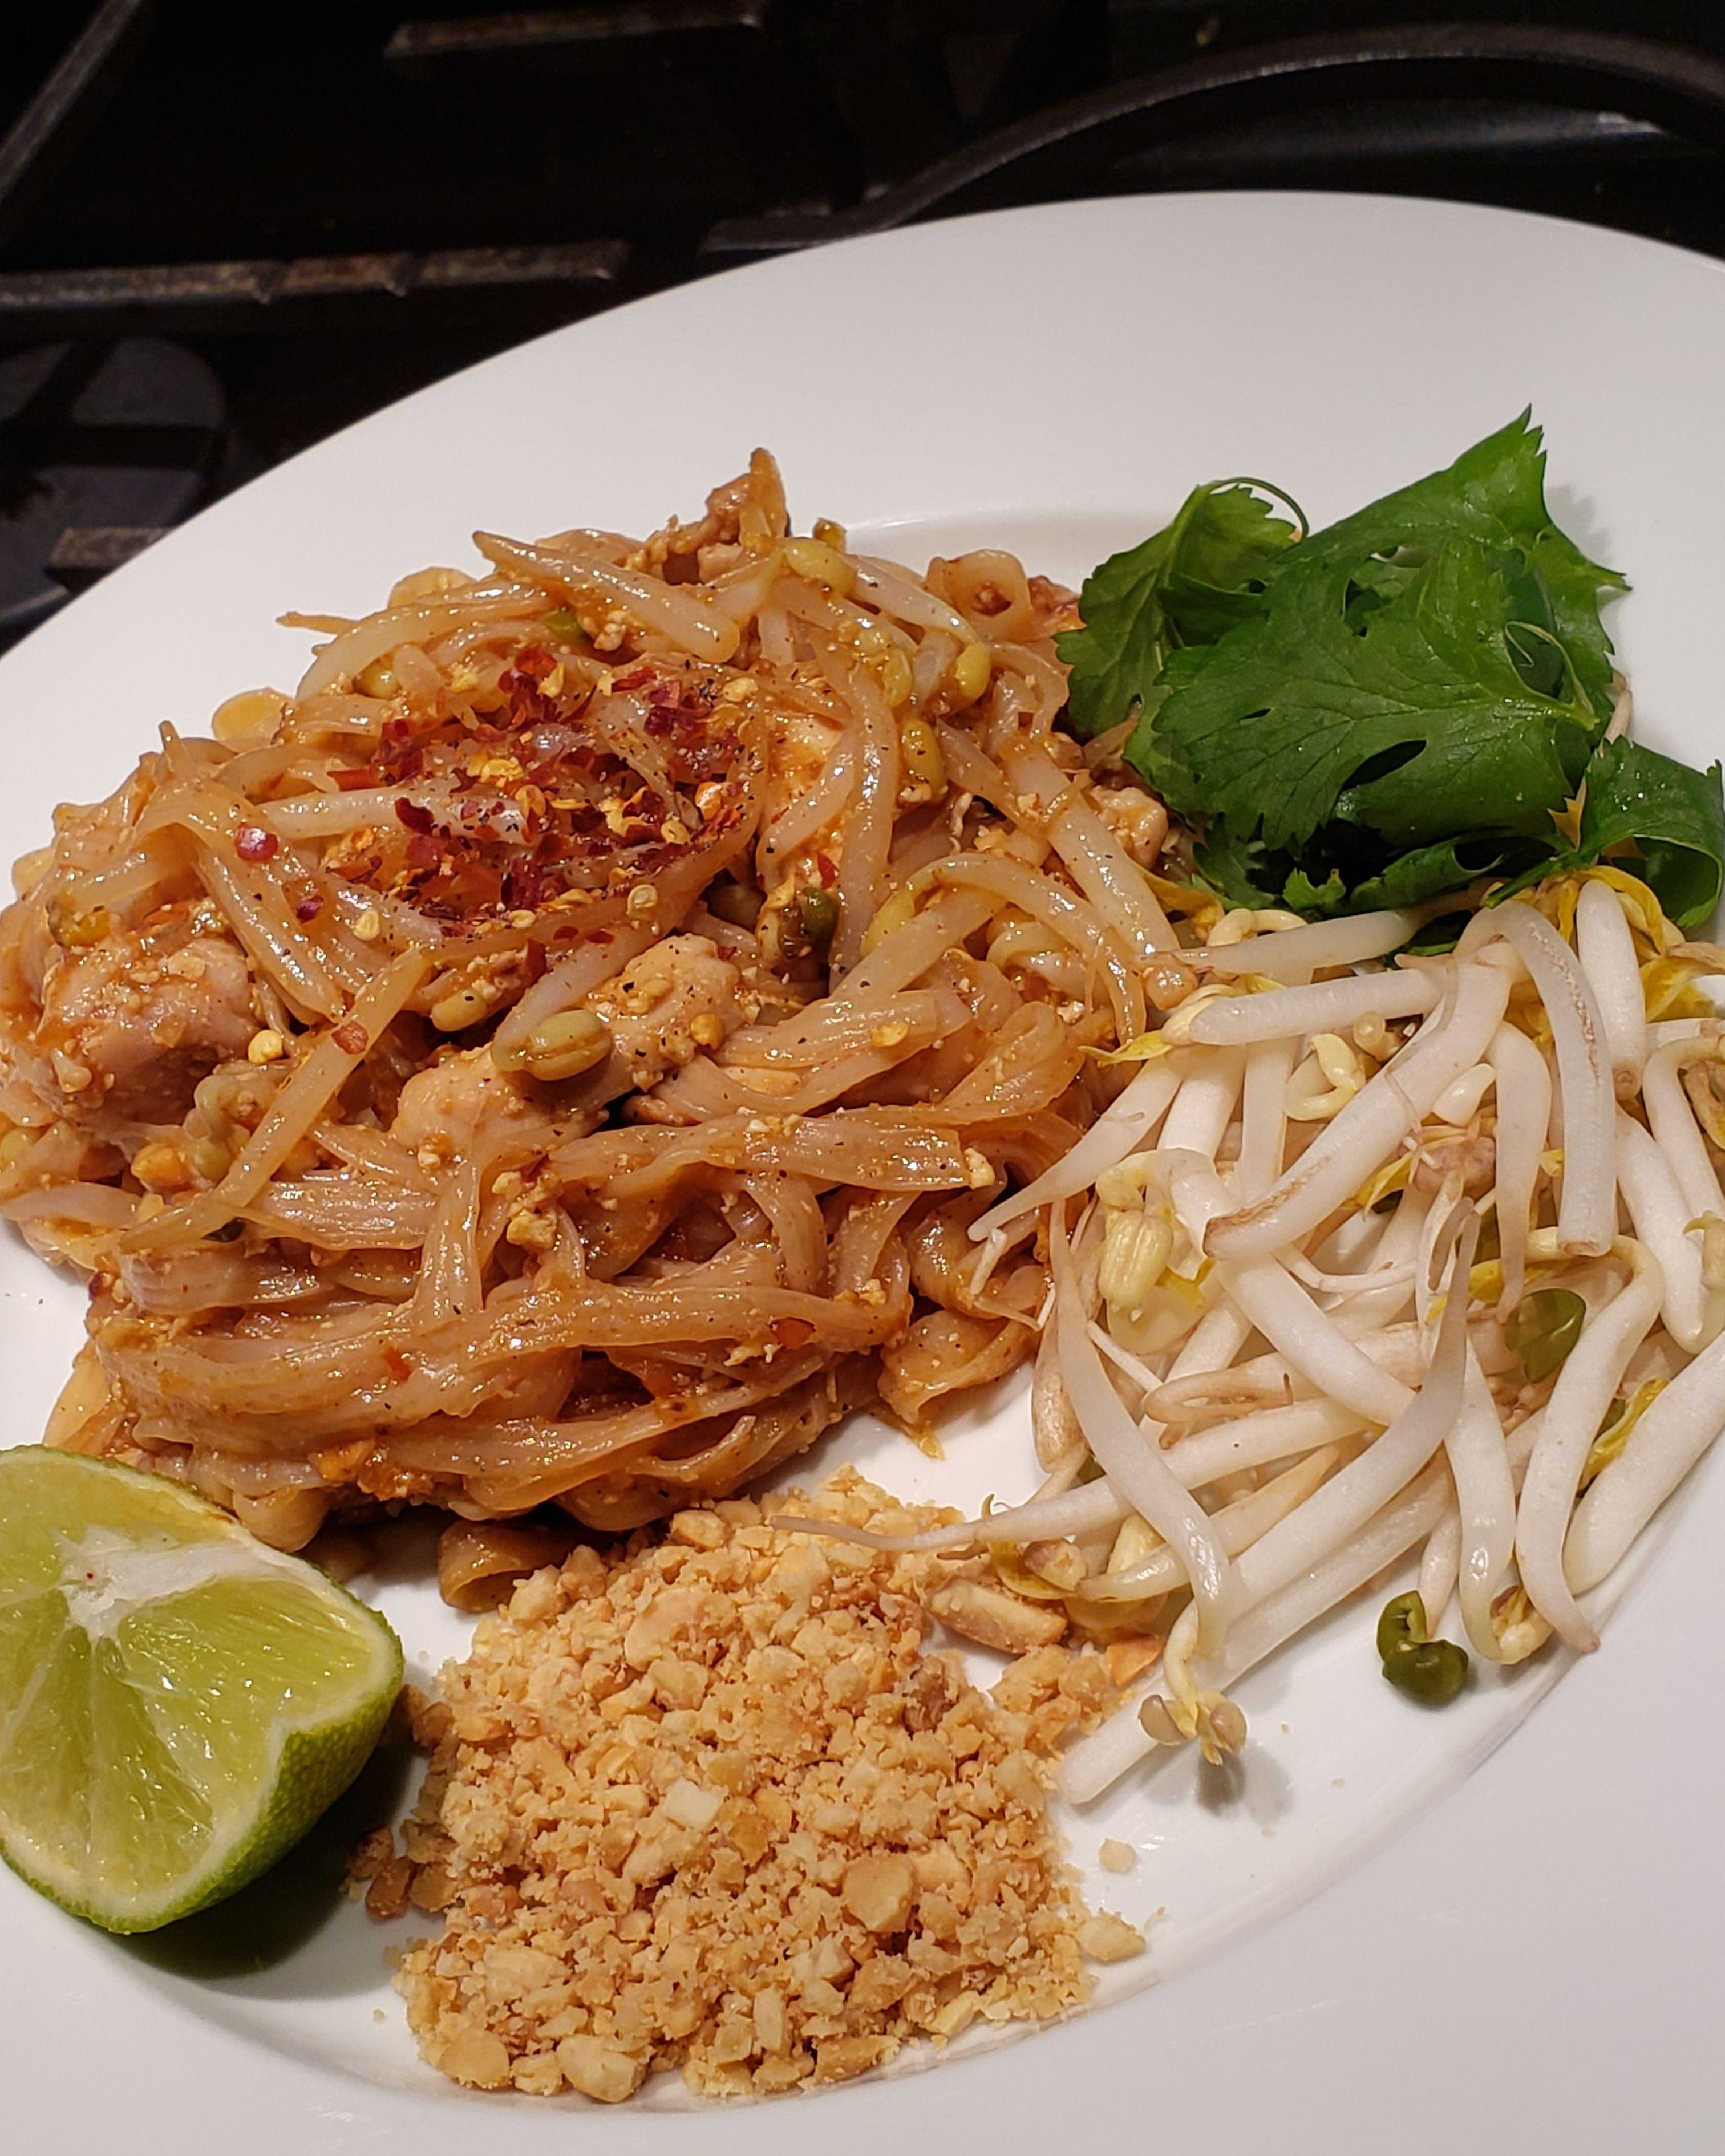 Keto friendly chicken pad thai keto chicken pad thai